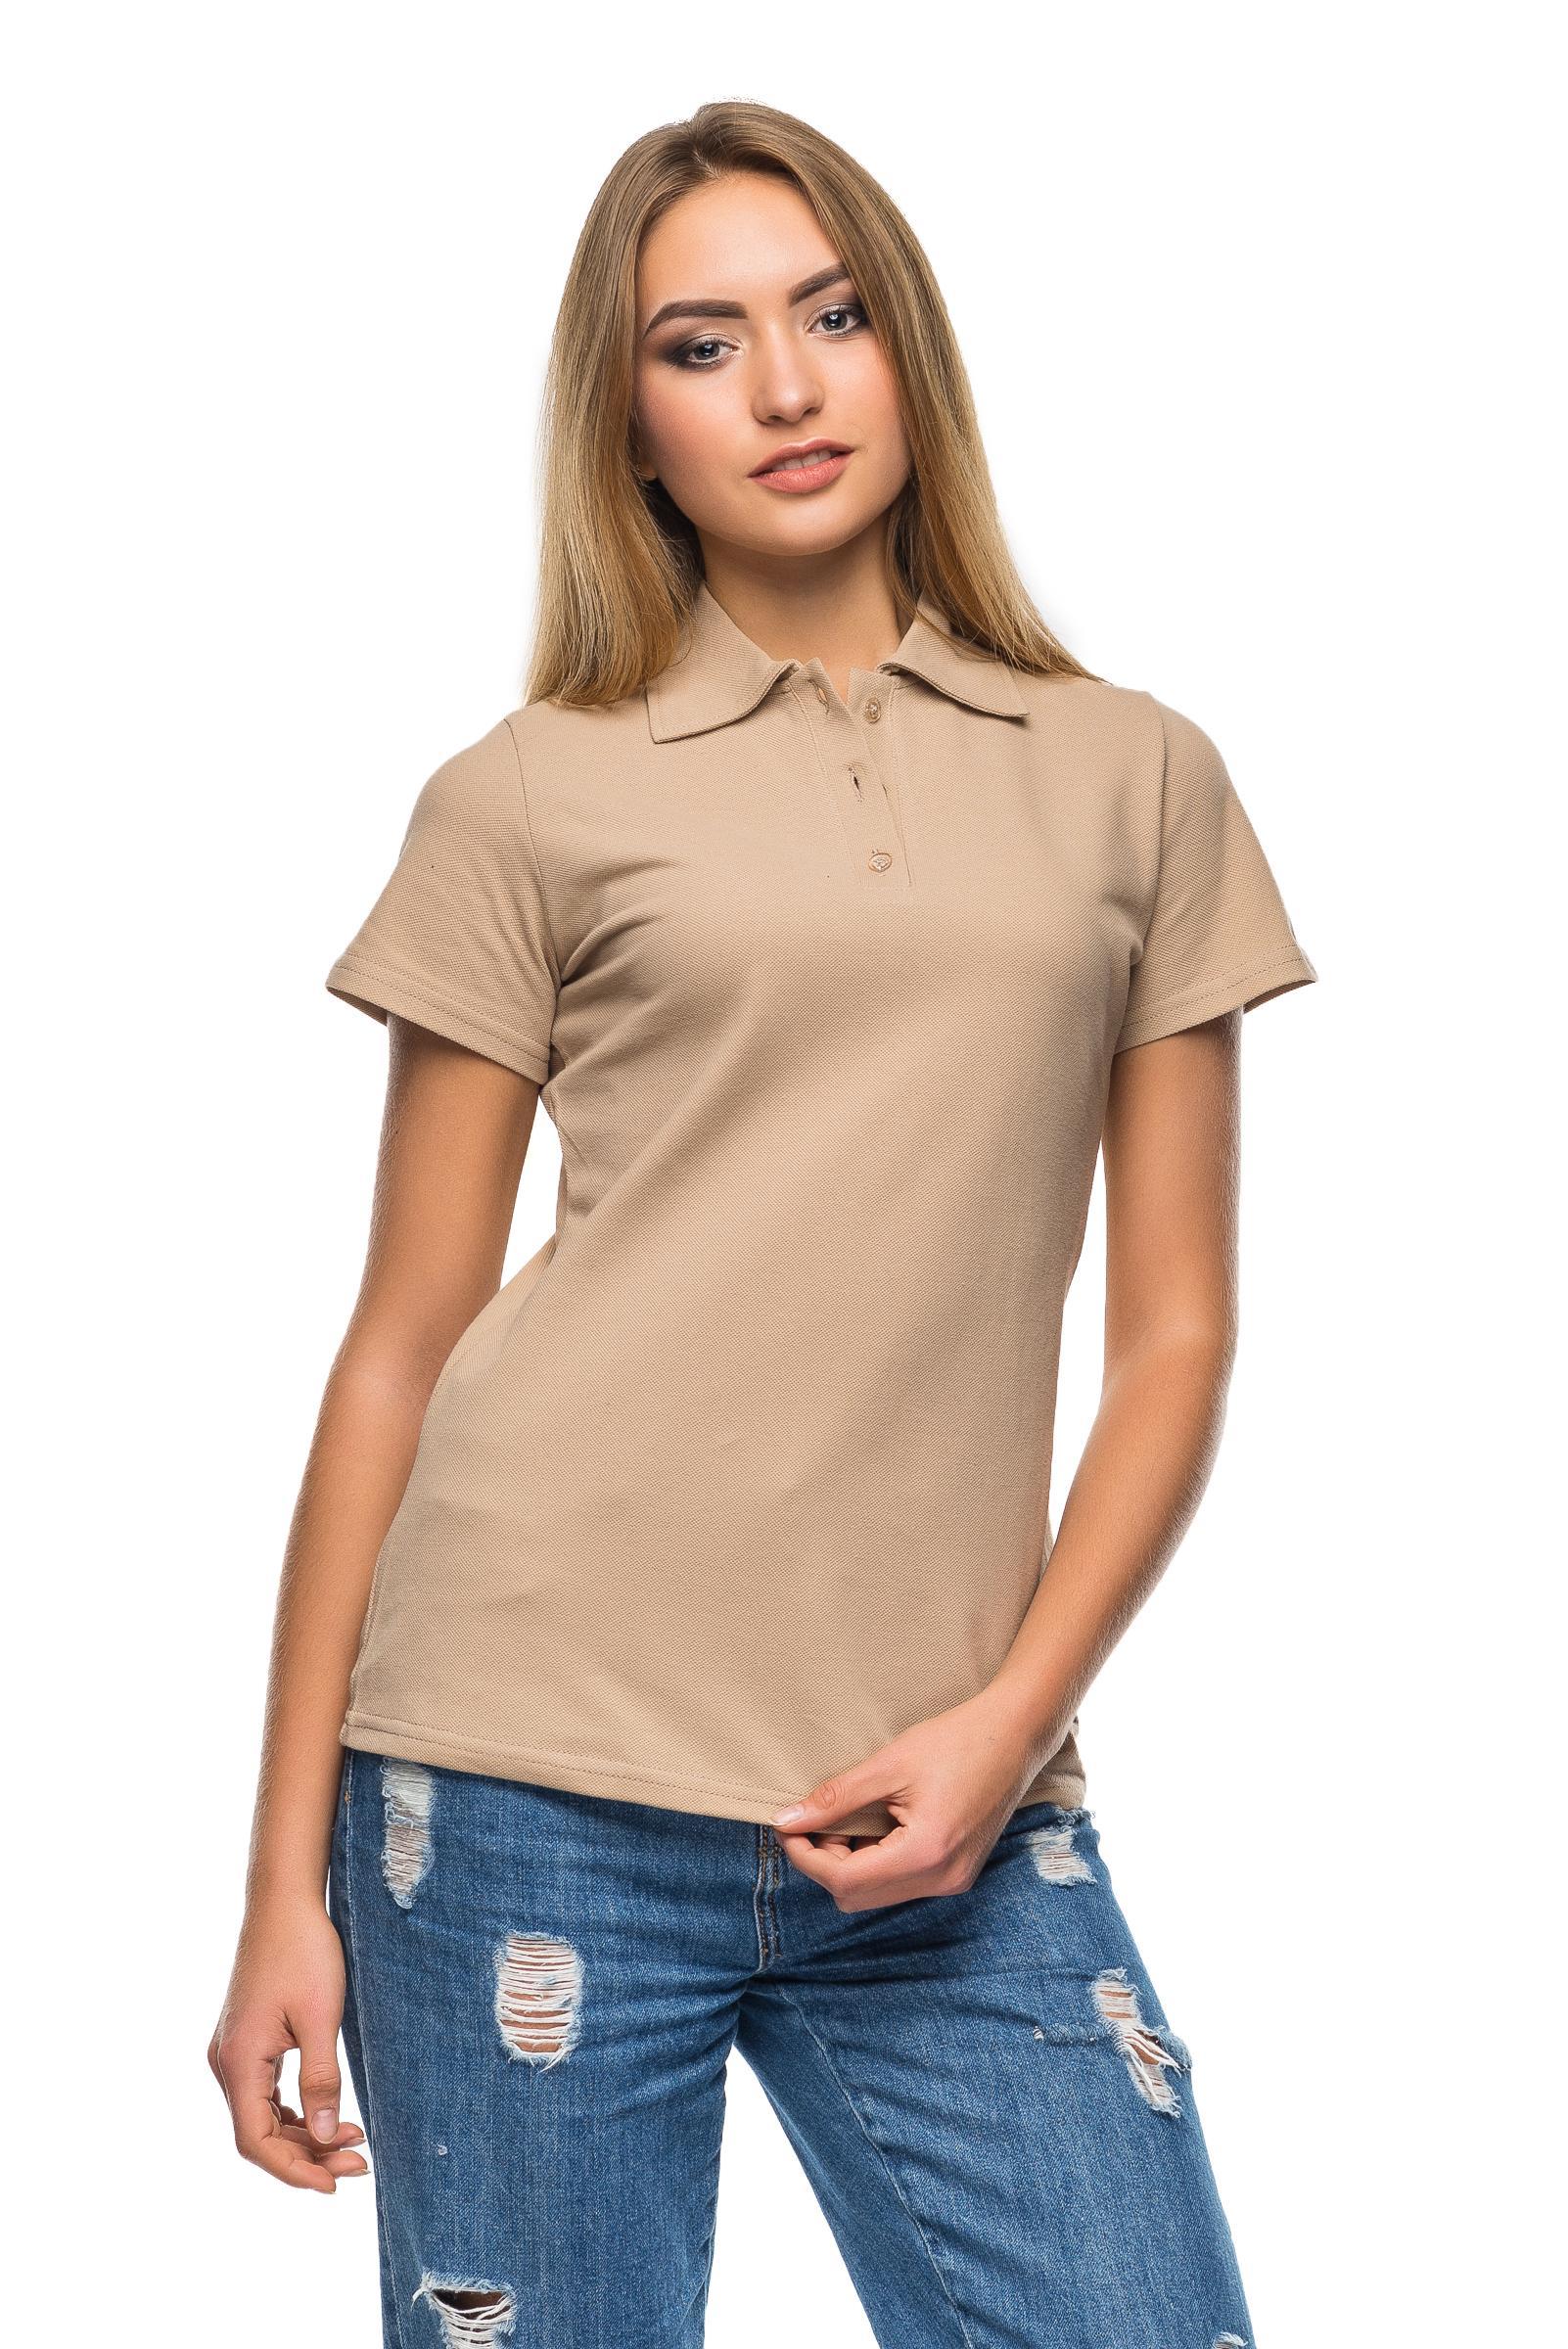 ebdf1f407c2da Купить Женская футболка Polo какао оптом и в розницу - AndreStar ...